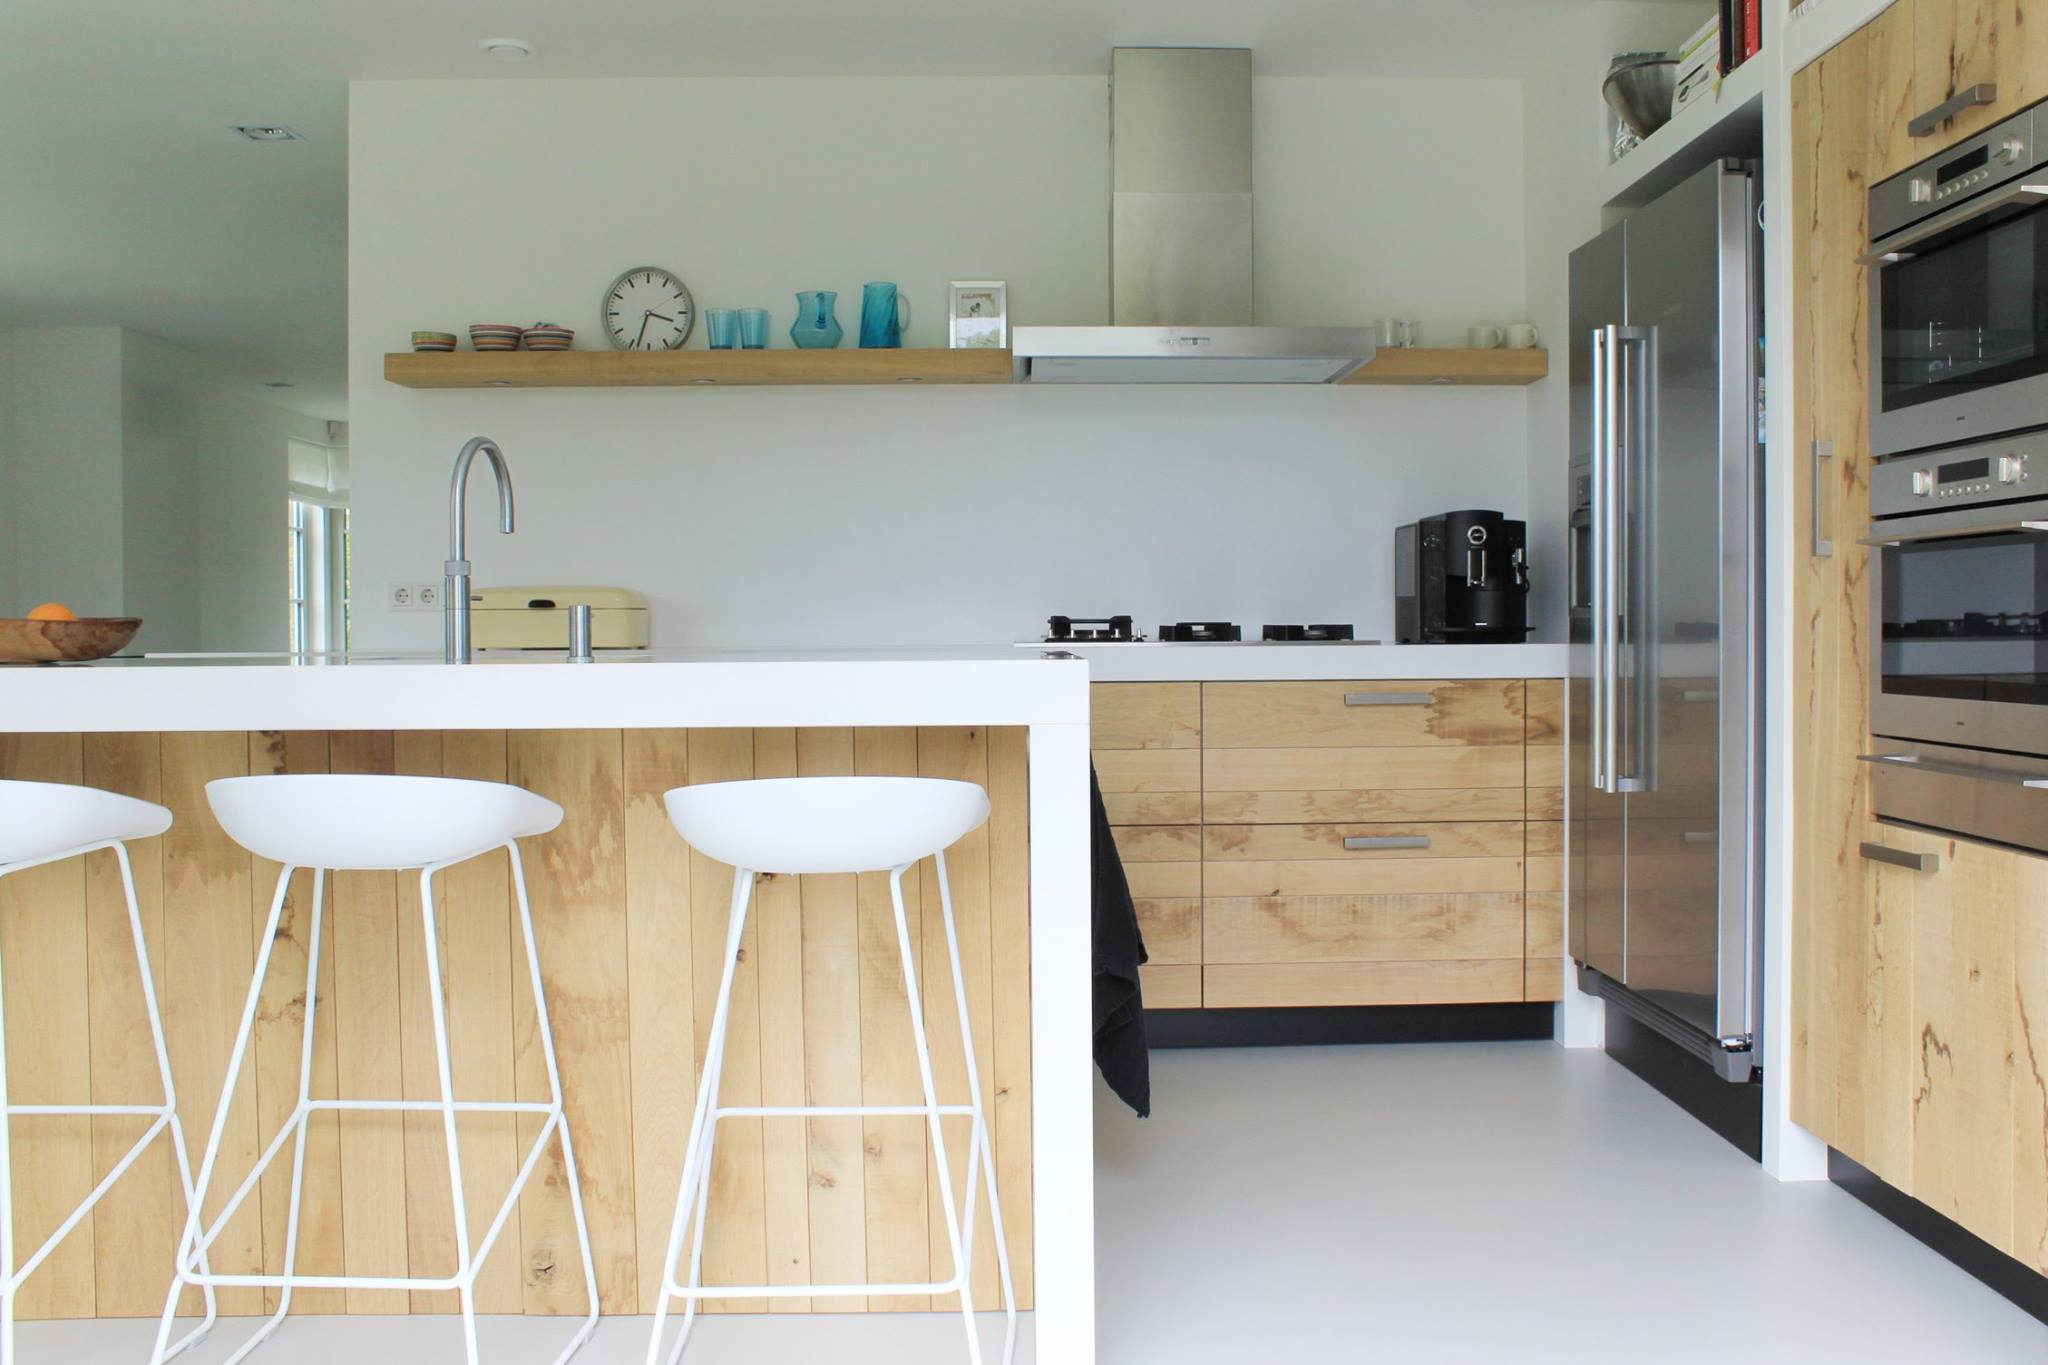 De Eikenhouten Keuken : Moderne ruw eiken houten keukens met wit keukenblad nieuws